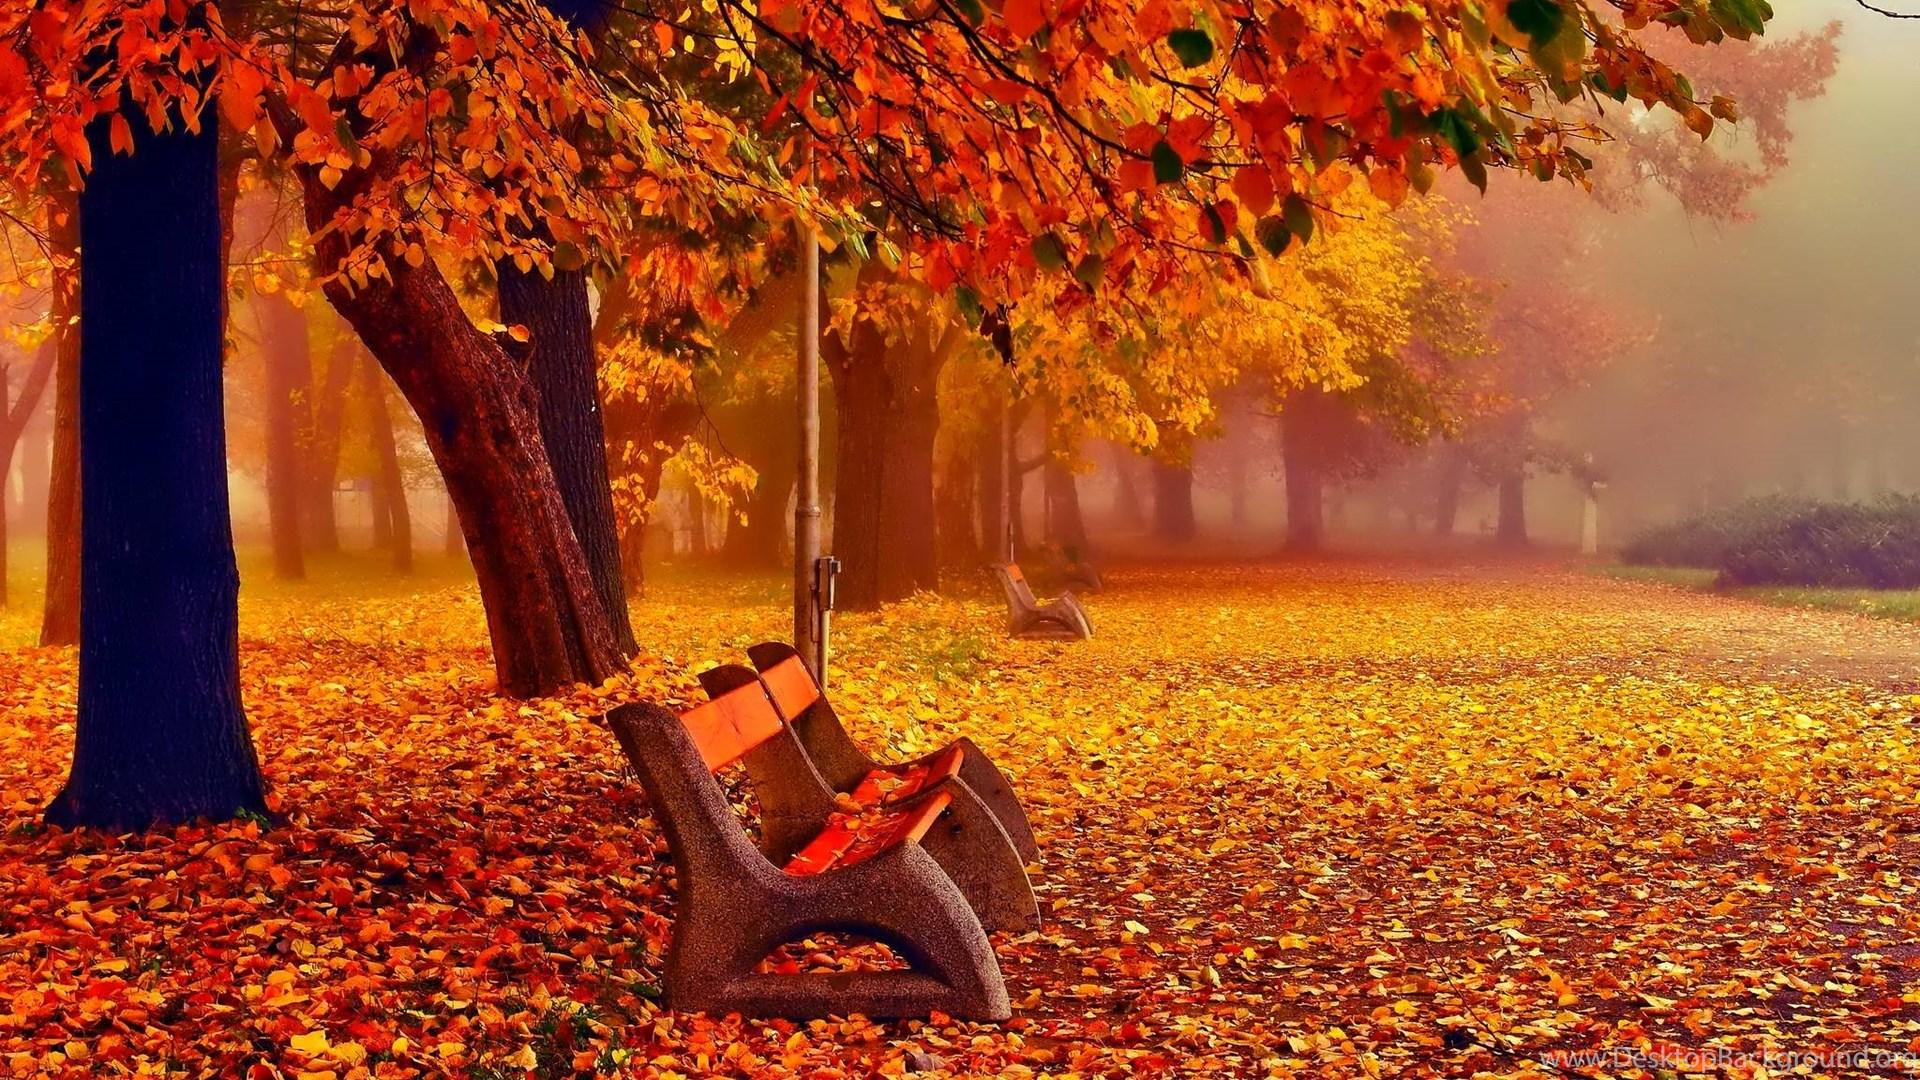 Fall Iphone Wallpaper Hd: Autumn Fall Wallpapers November Desktop Background